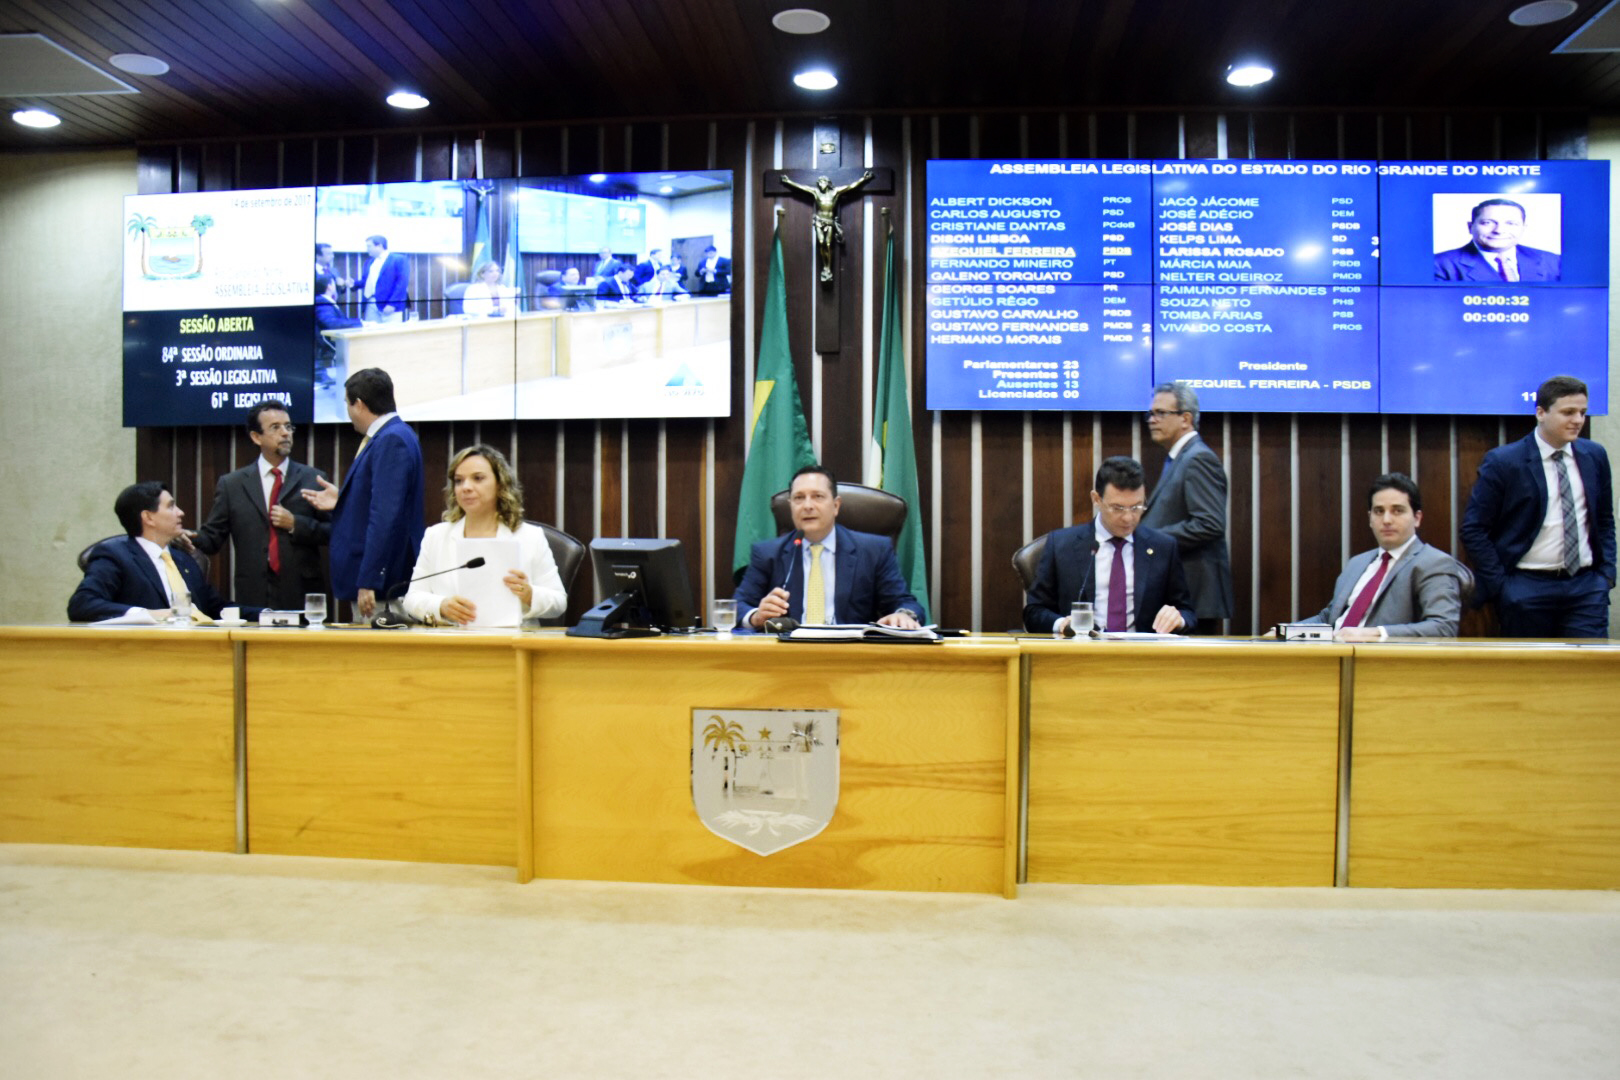 EZEQUIEL FERREIRA PROPÕE AUDIÊNCIA PÚBLICA EM DEFESA DAS FACÇÕES TÊXTEIS DO RN